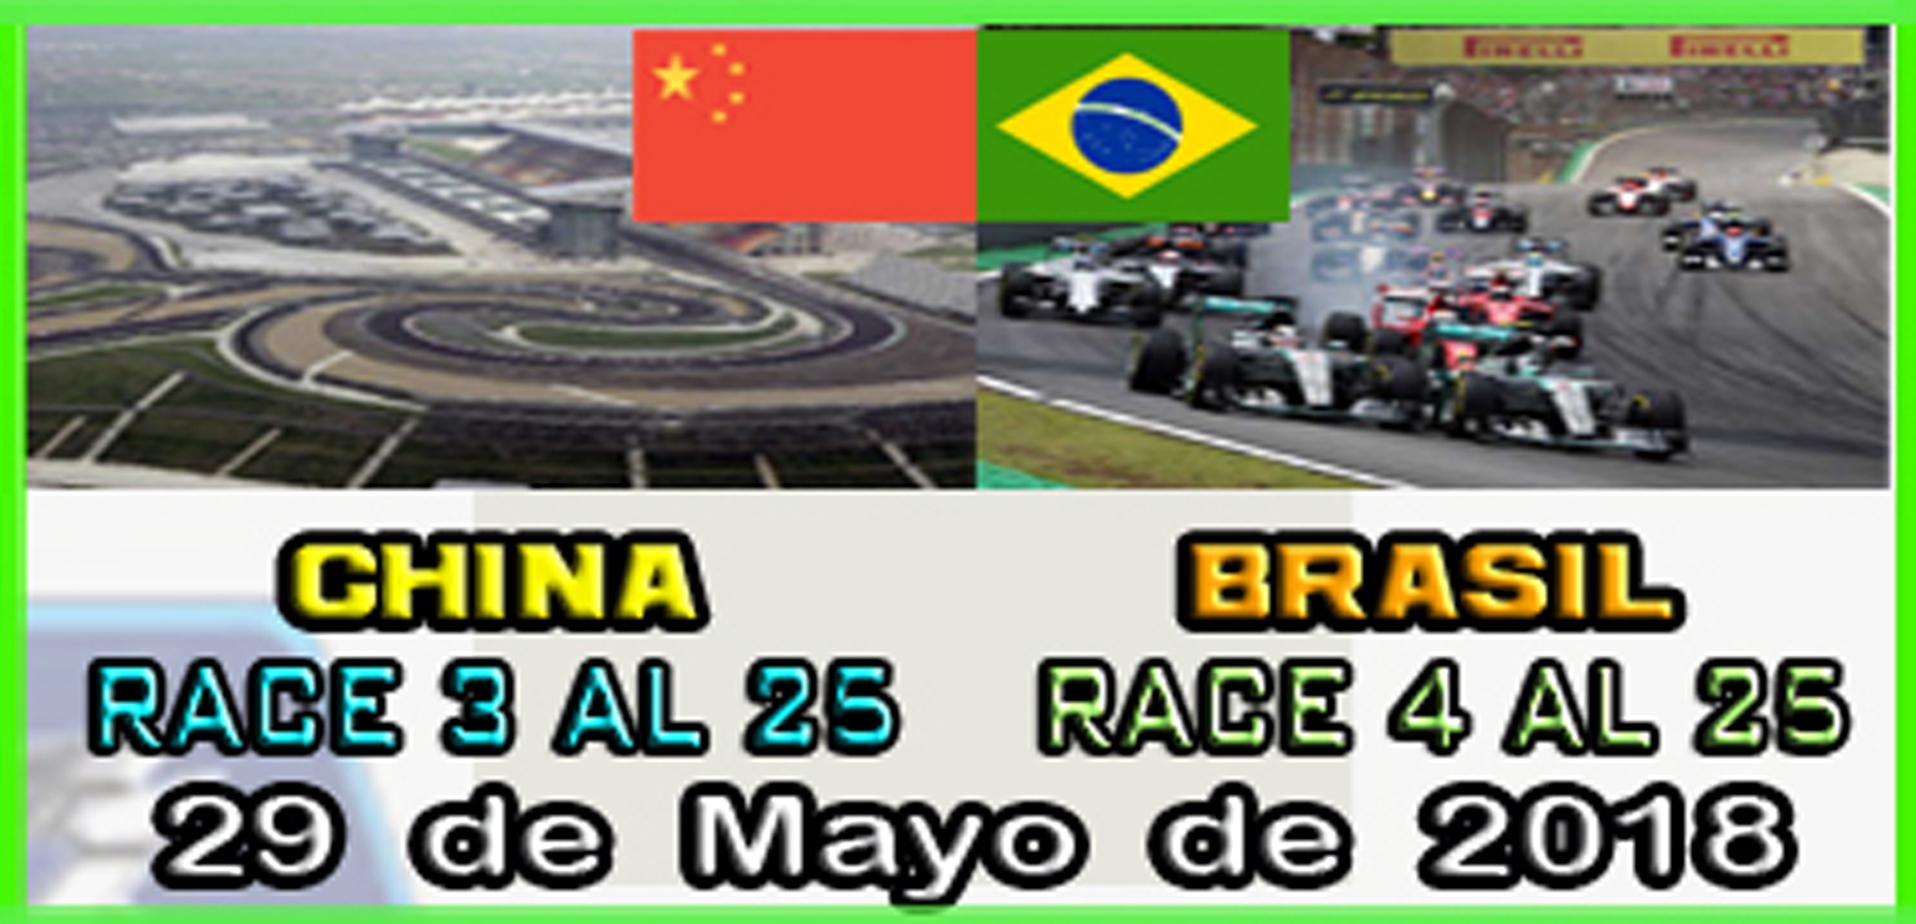 F1 2017 - XBOX ONE / CAMPEONATO OPEN LITOS - F1 XBOX / CONFIRMACIÓN DE ASISTENCIA G.P. DE CHINA Y  BRASILI /  MARTES  29-05-2018 A LAS 22:30 H. Calend30